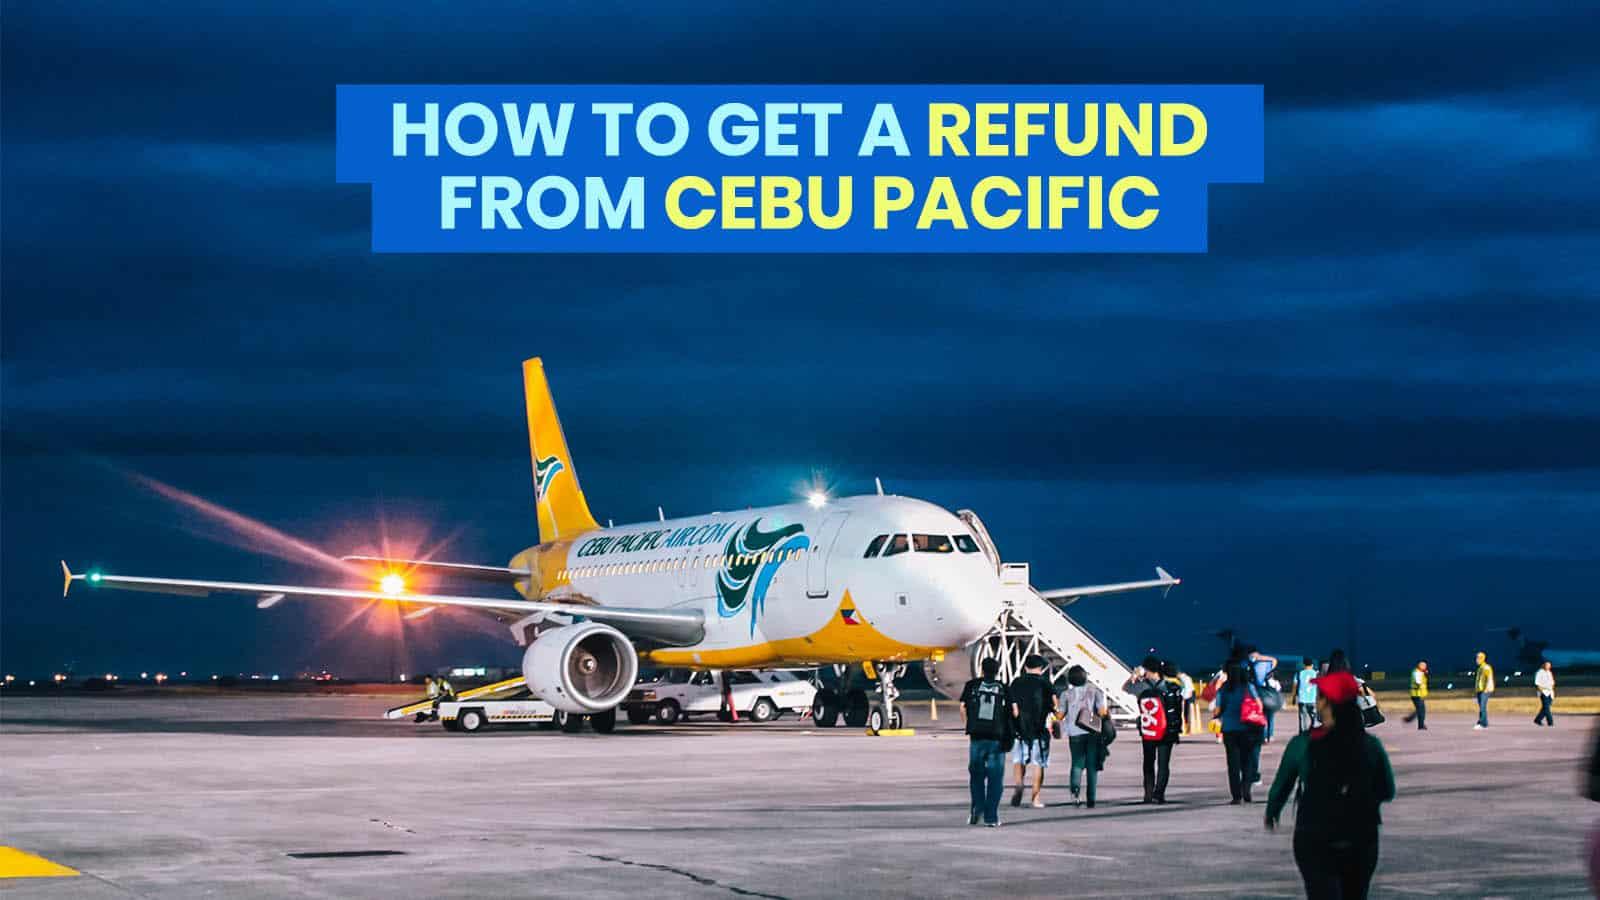 CEBU PACIFIC: 如何为取消或改期的航班获得退款 | 穷游者行程博客